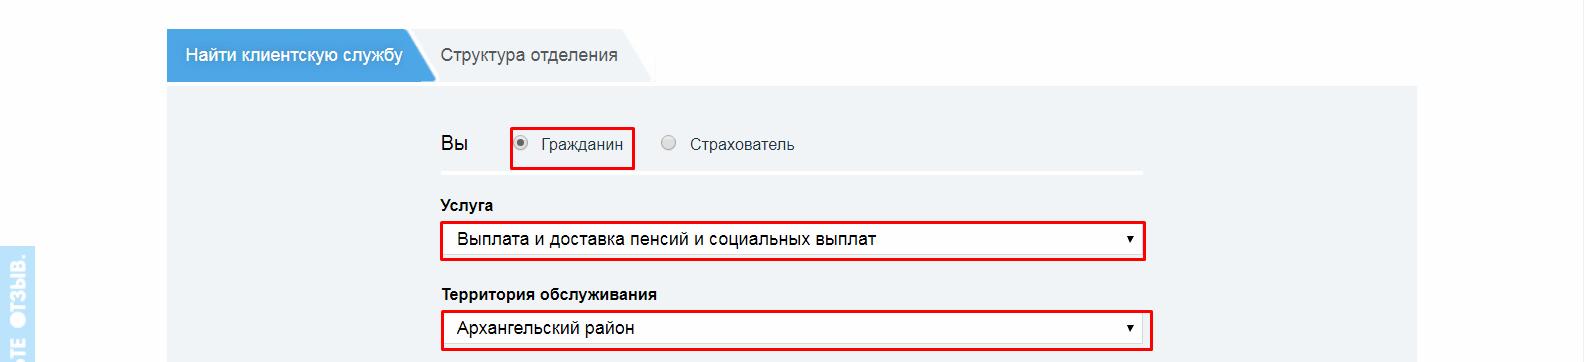 Пенсионный фонд республики Башкортостан